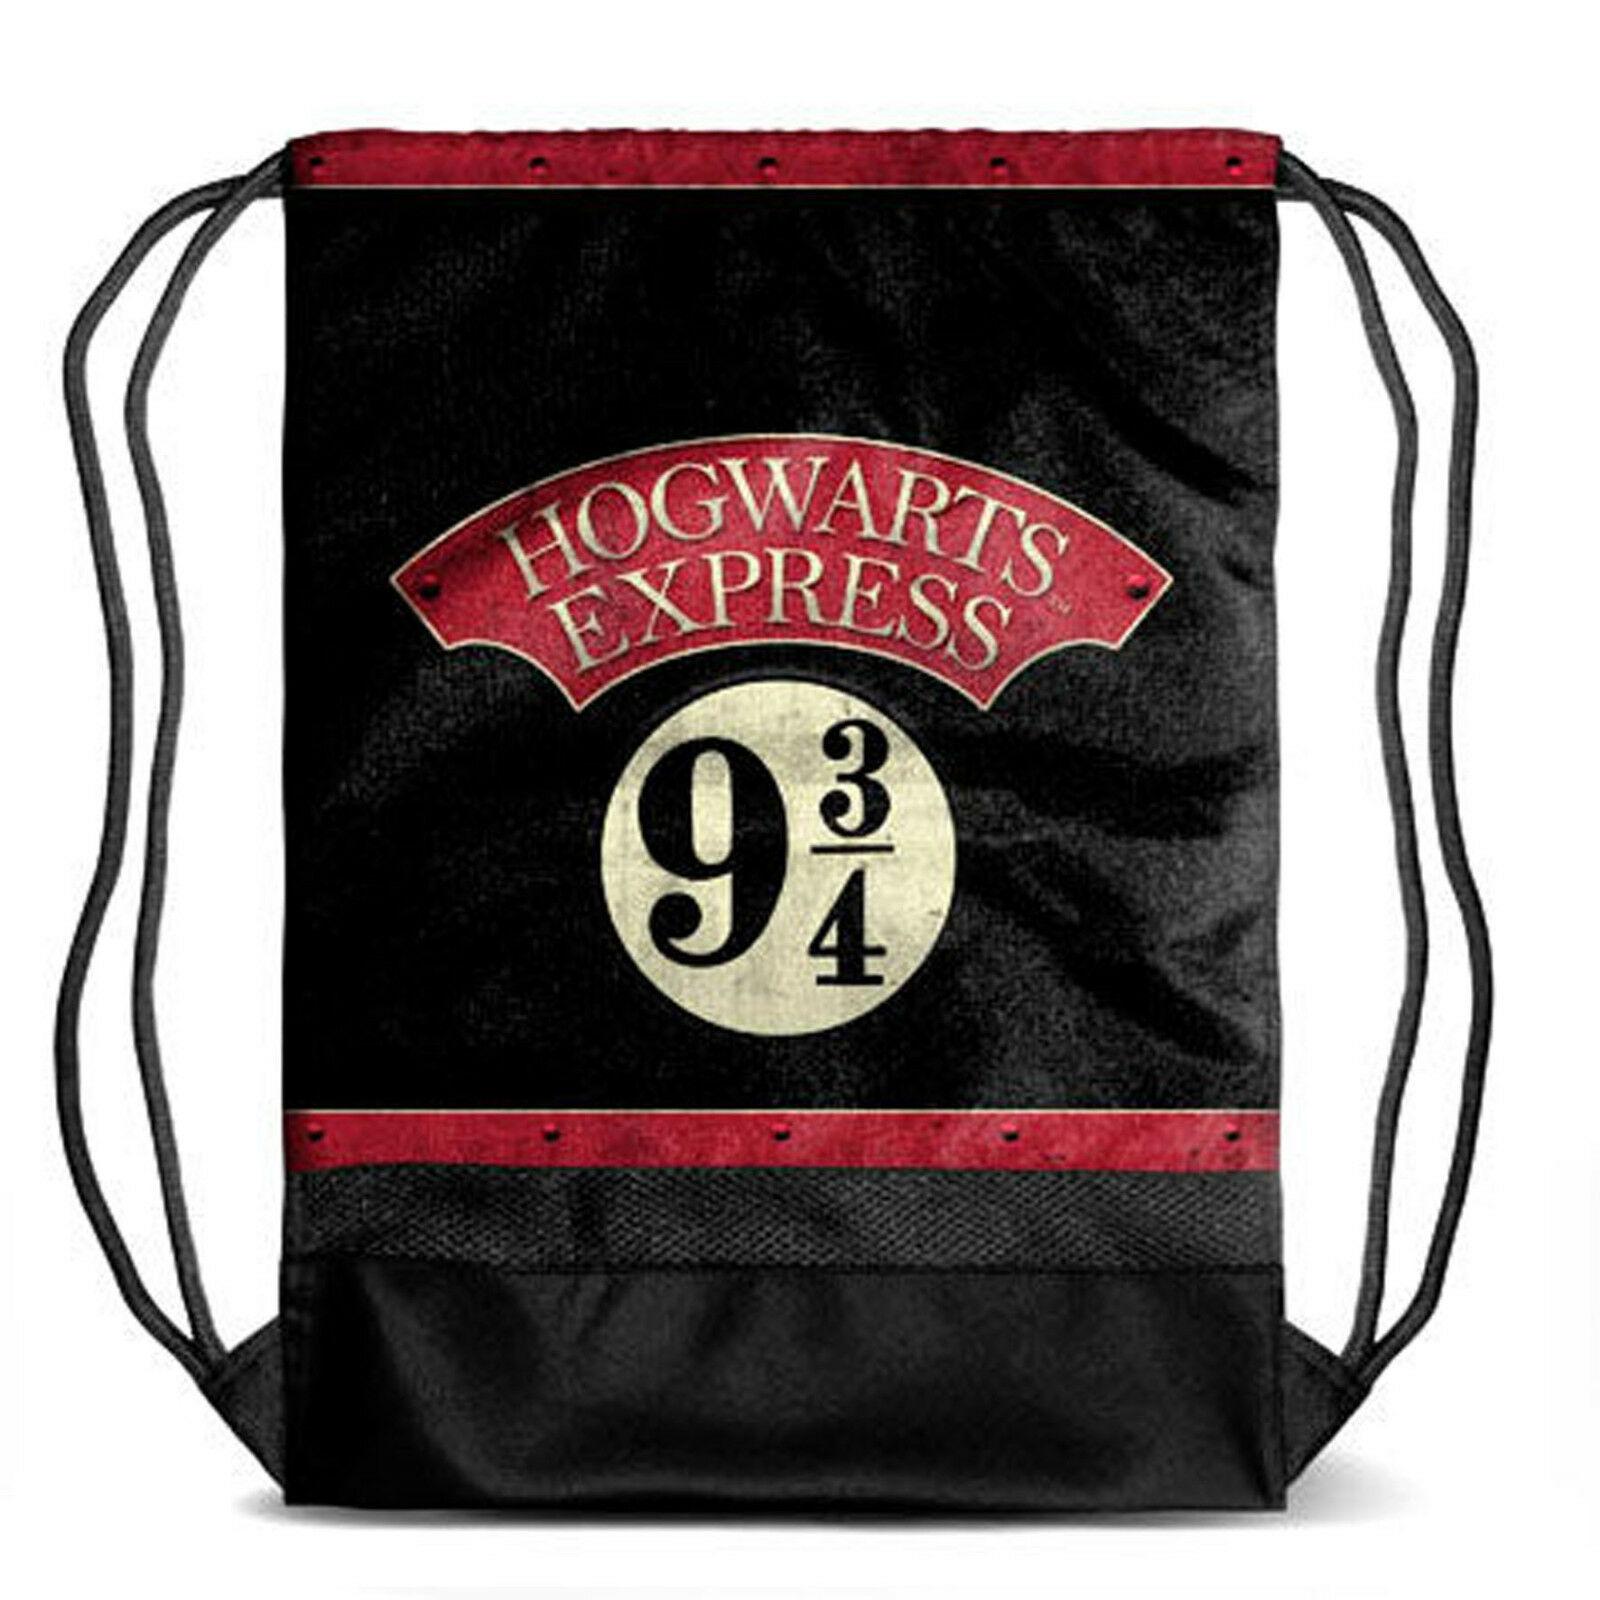 HARRY POTTER SACCA Hogwarts Express 9 3/4 DIM. 31X27X15 cm  COLORE NERO/ROSSO